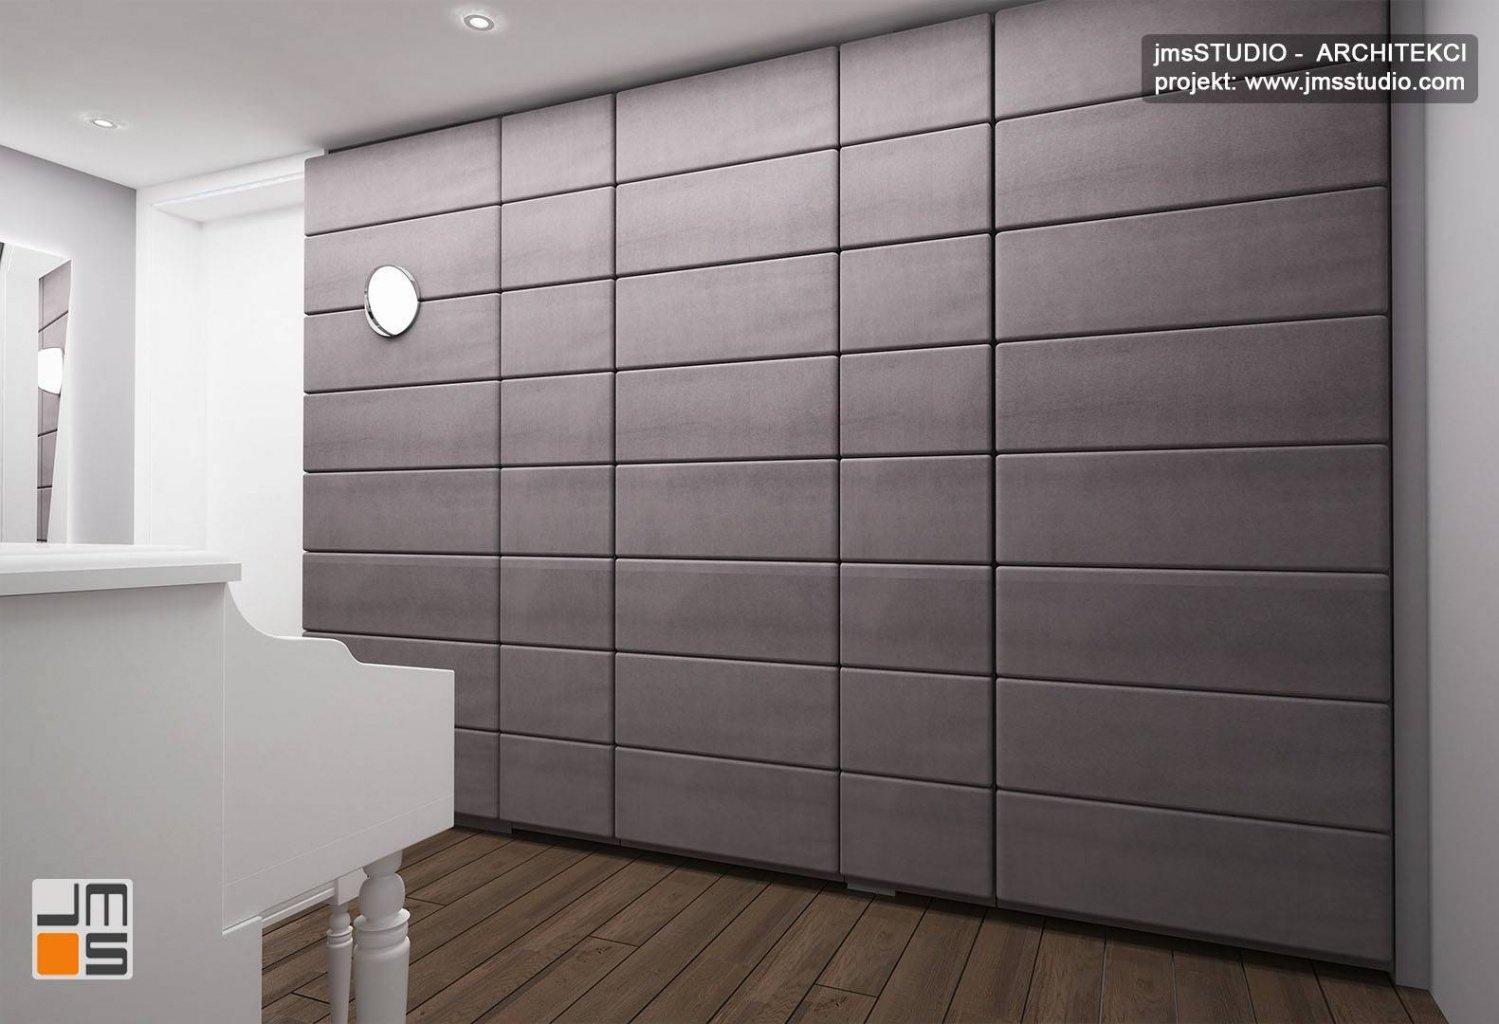 ściana akustyczna w projekt wnętrz pomieszczenie do gry na instrumencie pianino z wygłuszeniem w mieszkaniu Kraków